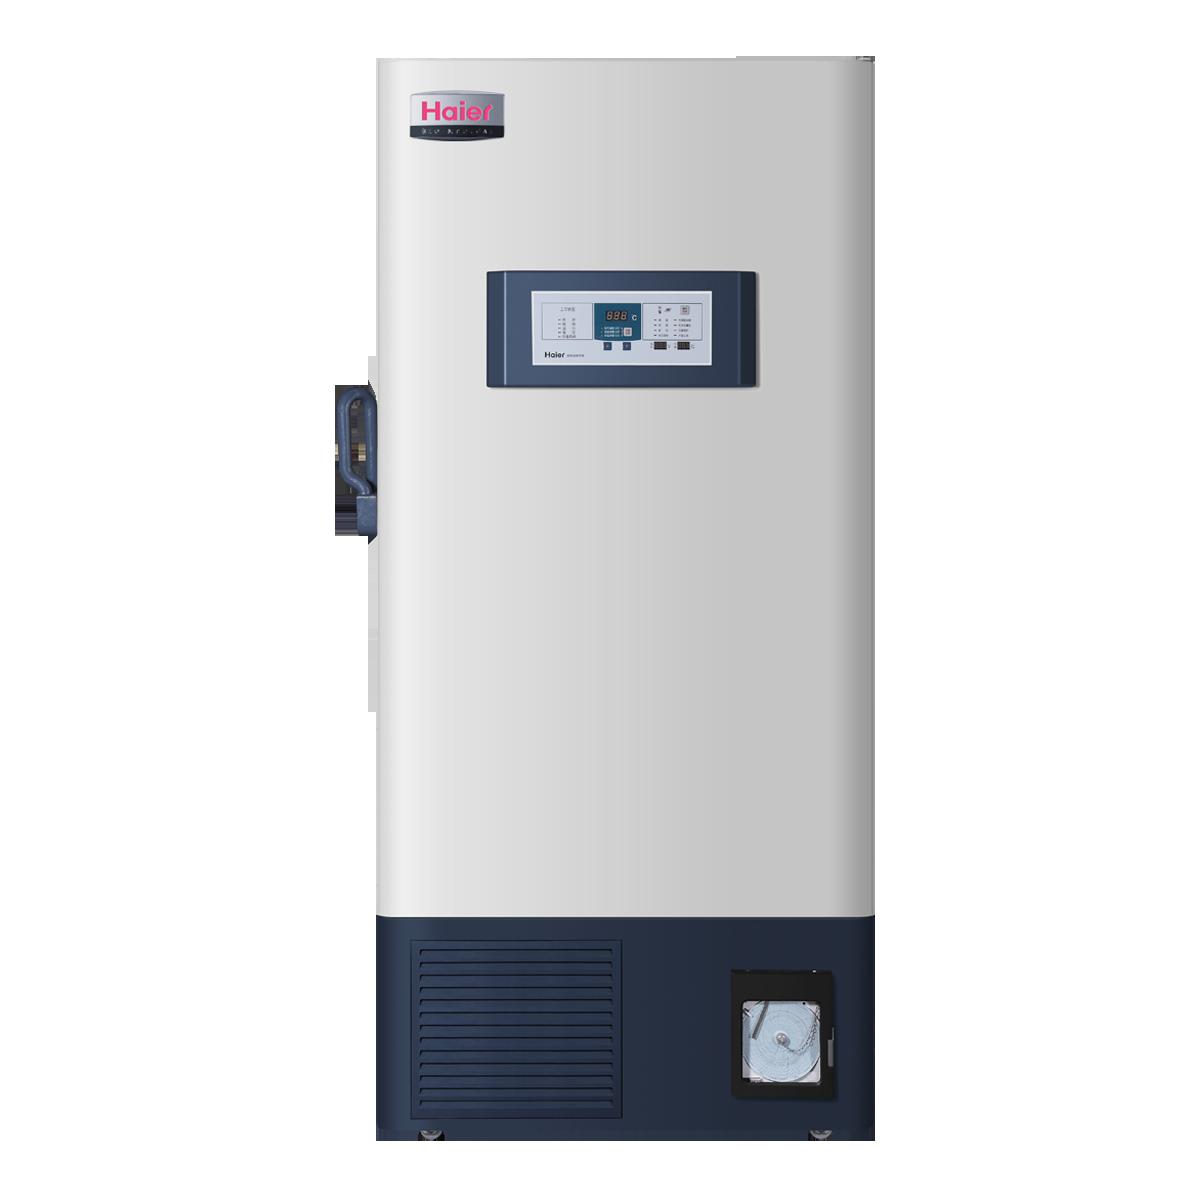 海尔-86℃超低温保存箱DW-86L388J/立式超低温冰箱